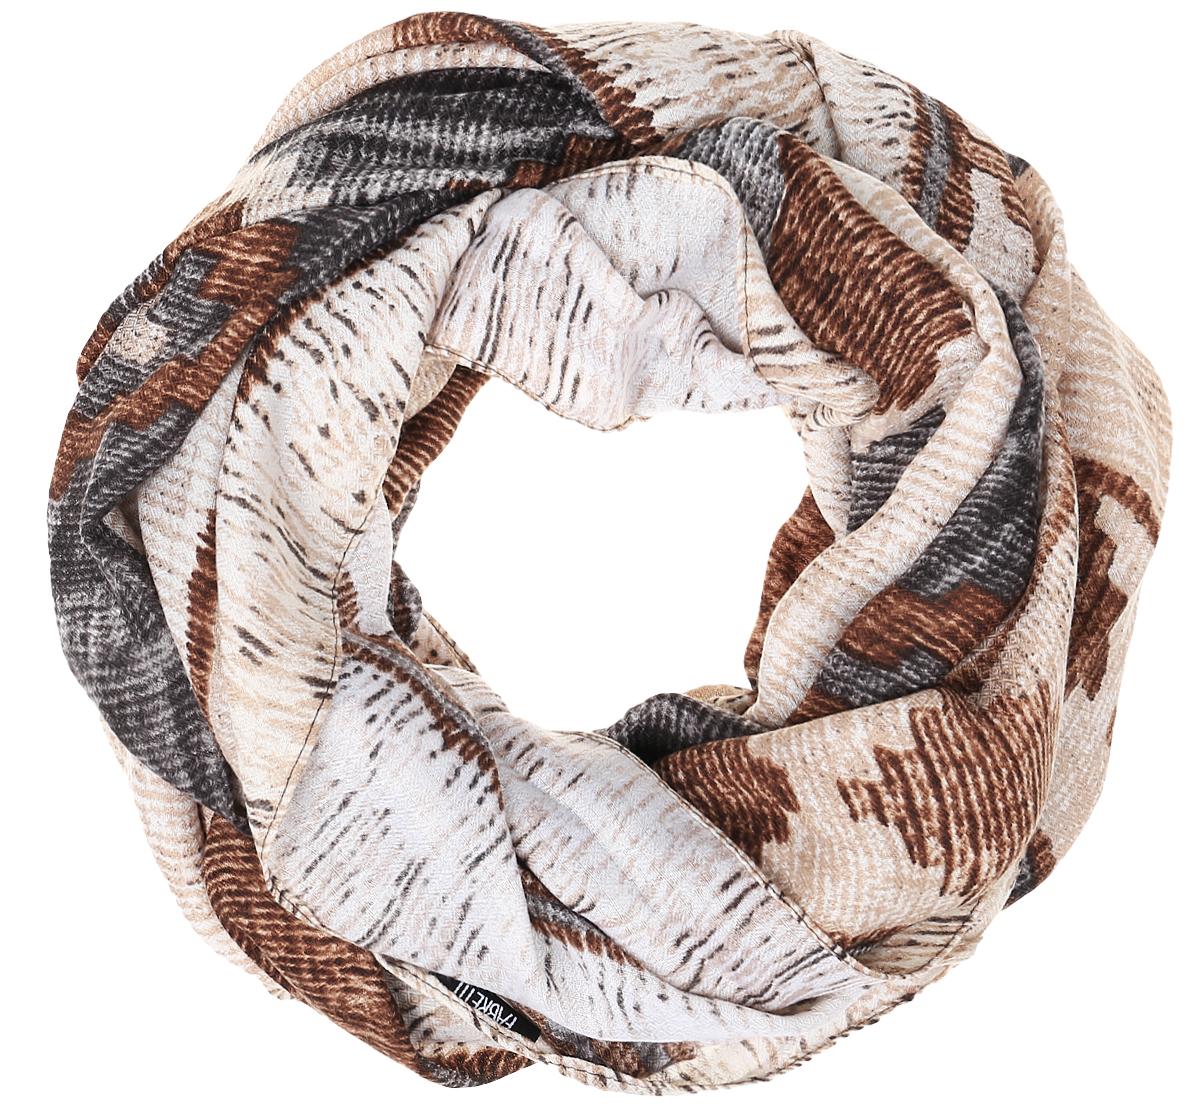 ШарфTUTF410-1Женский шарф Fabretti подарит уют и согреет от холодного ветра. Изготовленный из высококачественной вискозы, он очень легкий, мягкий, имеет приятную на ощупь текстуру. Модель оформлена орнаментом. Изделие по краям дополнено кисточками. Такой аксессуар станет стильным дополнением к образу современной женщины, стремящейся всегда оставаться яркой и элегантной.